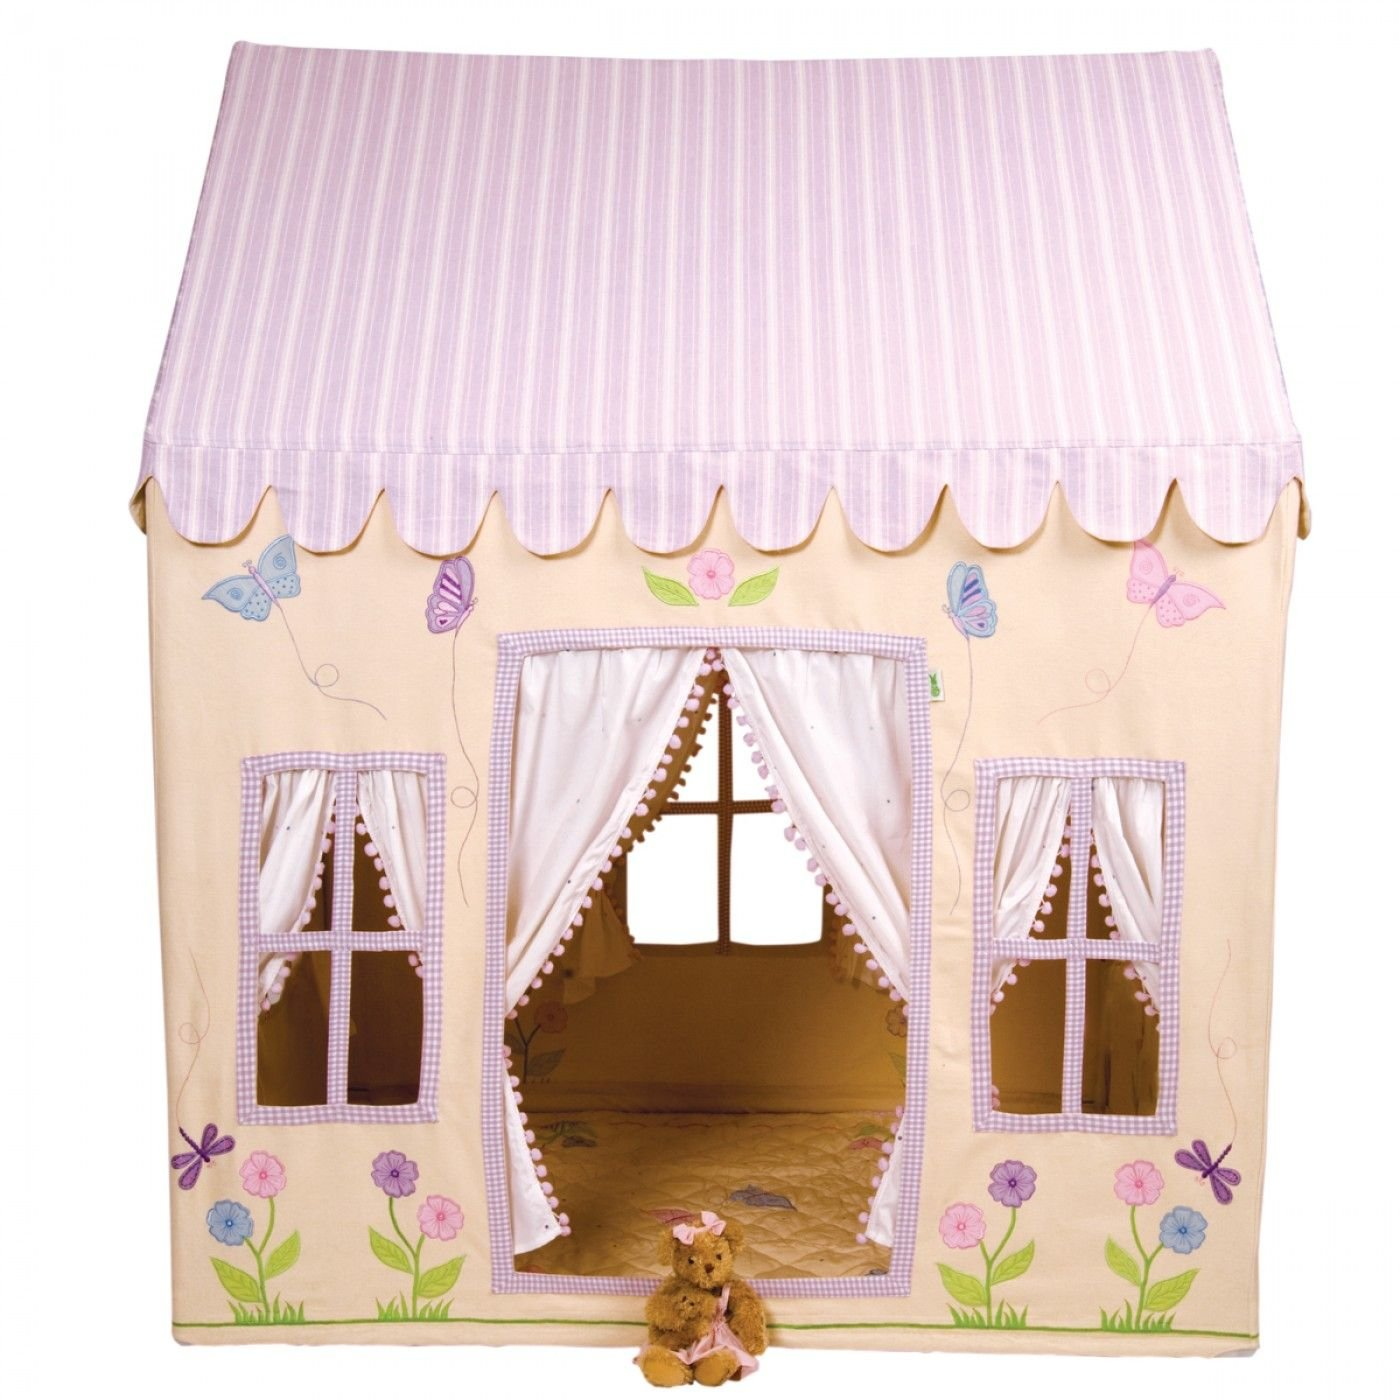 Spielzelt Schmetterlingshaus Größe: 110 cm H x 110 cm B x 74 cm T jetzt kaufen